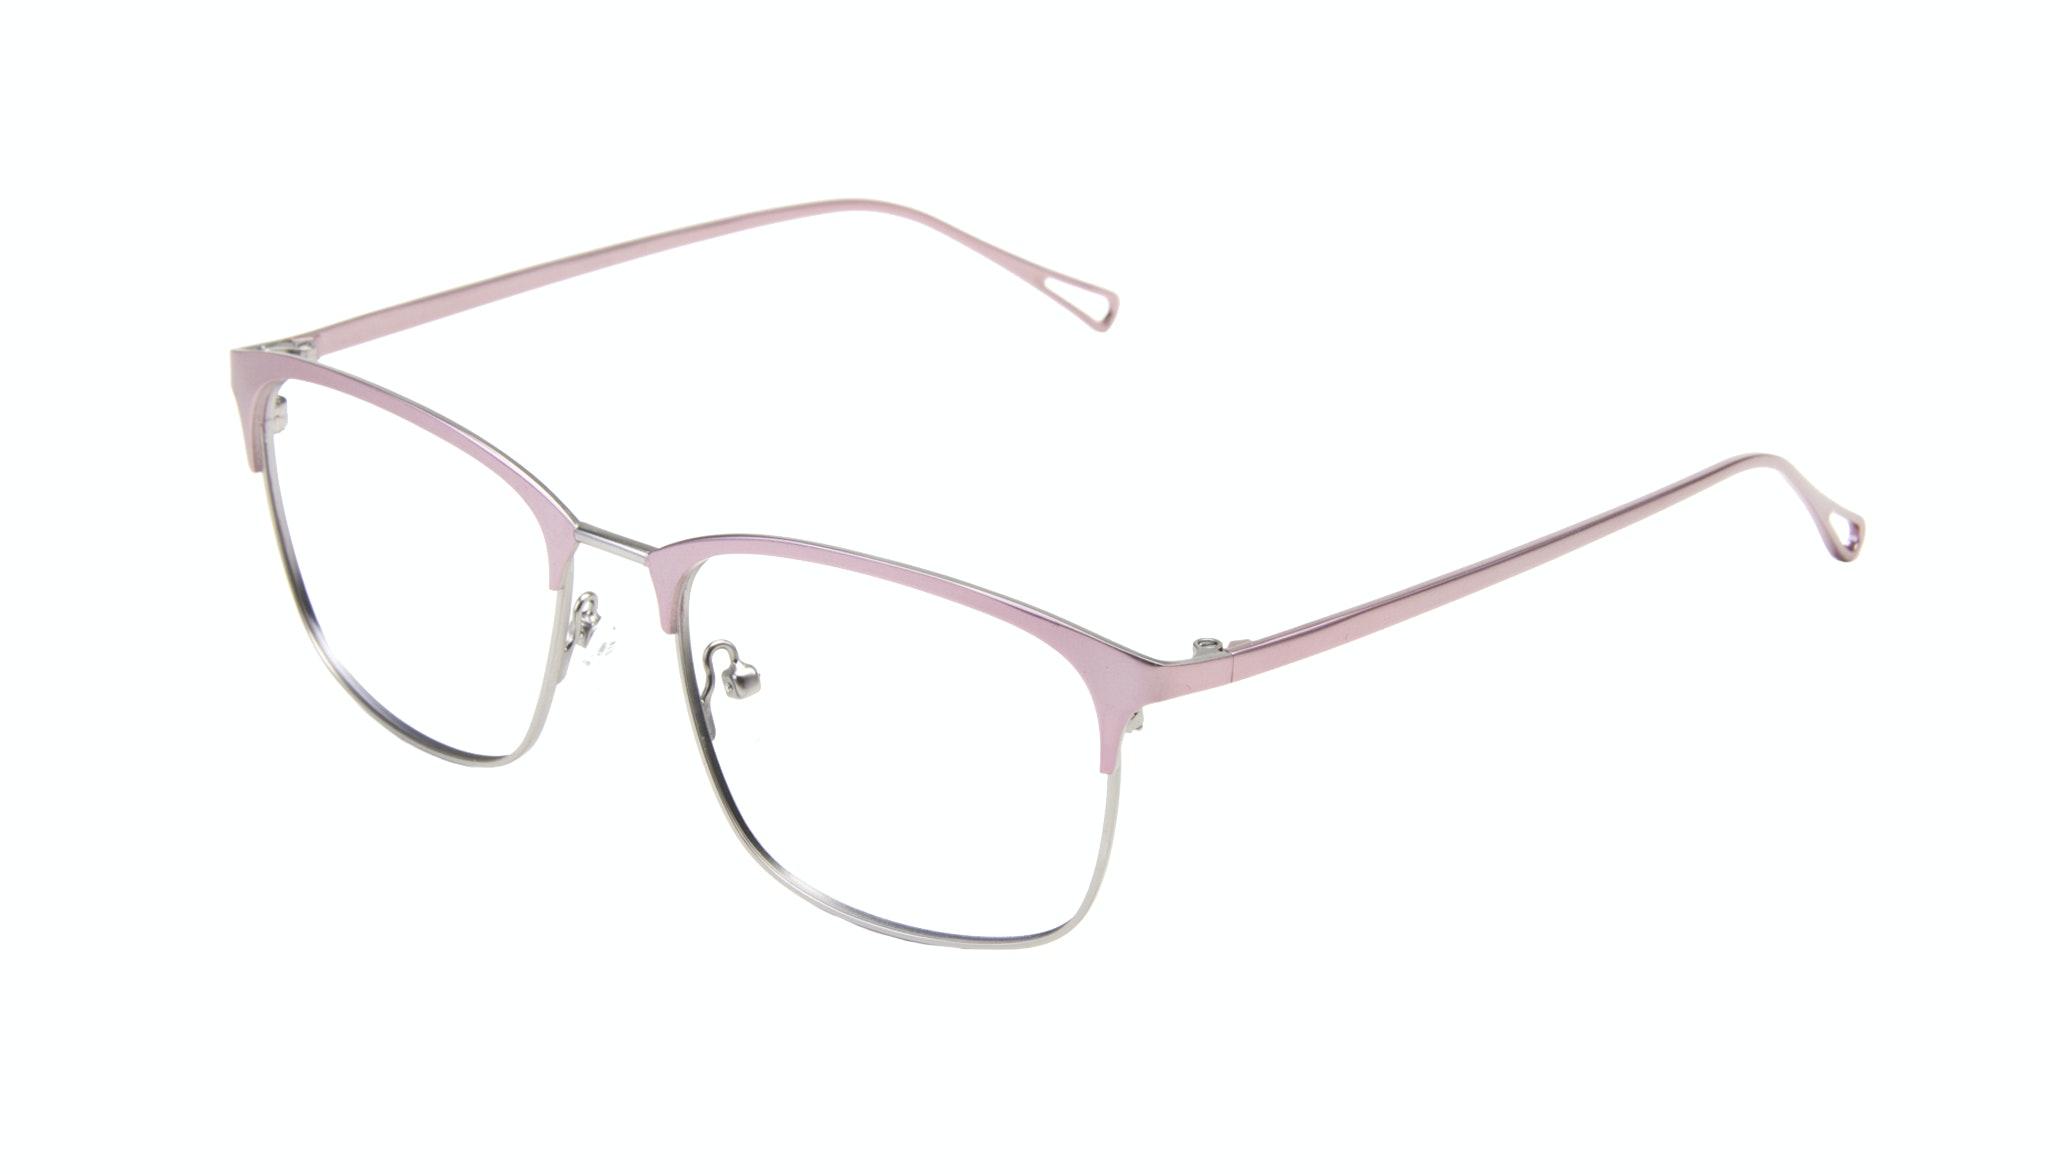 Affordable Fashion Glasses Rectangle Eyeglasses Women Seaside Shell Tilt